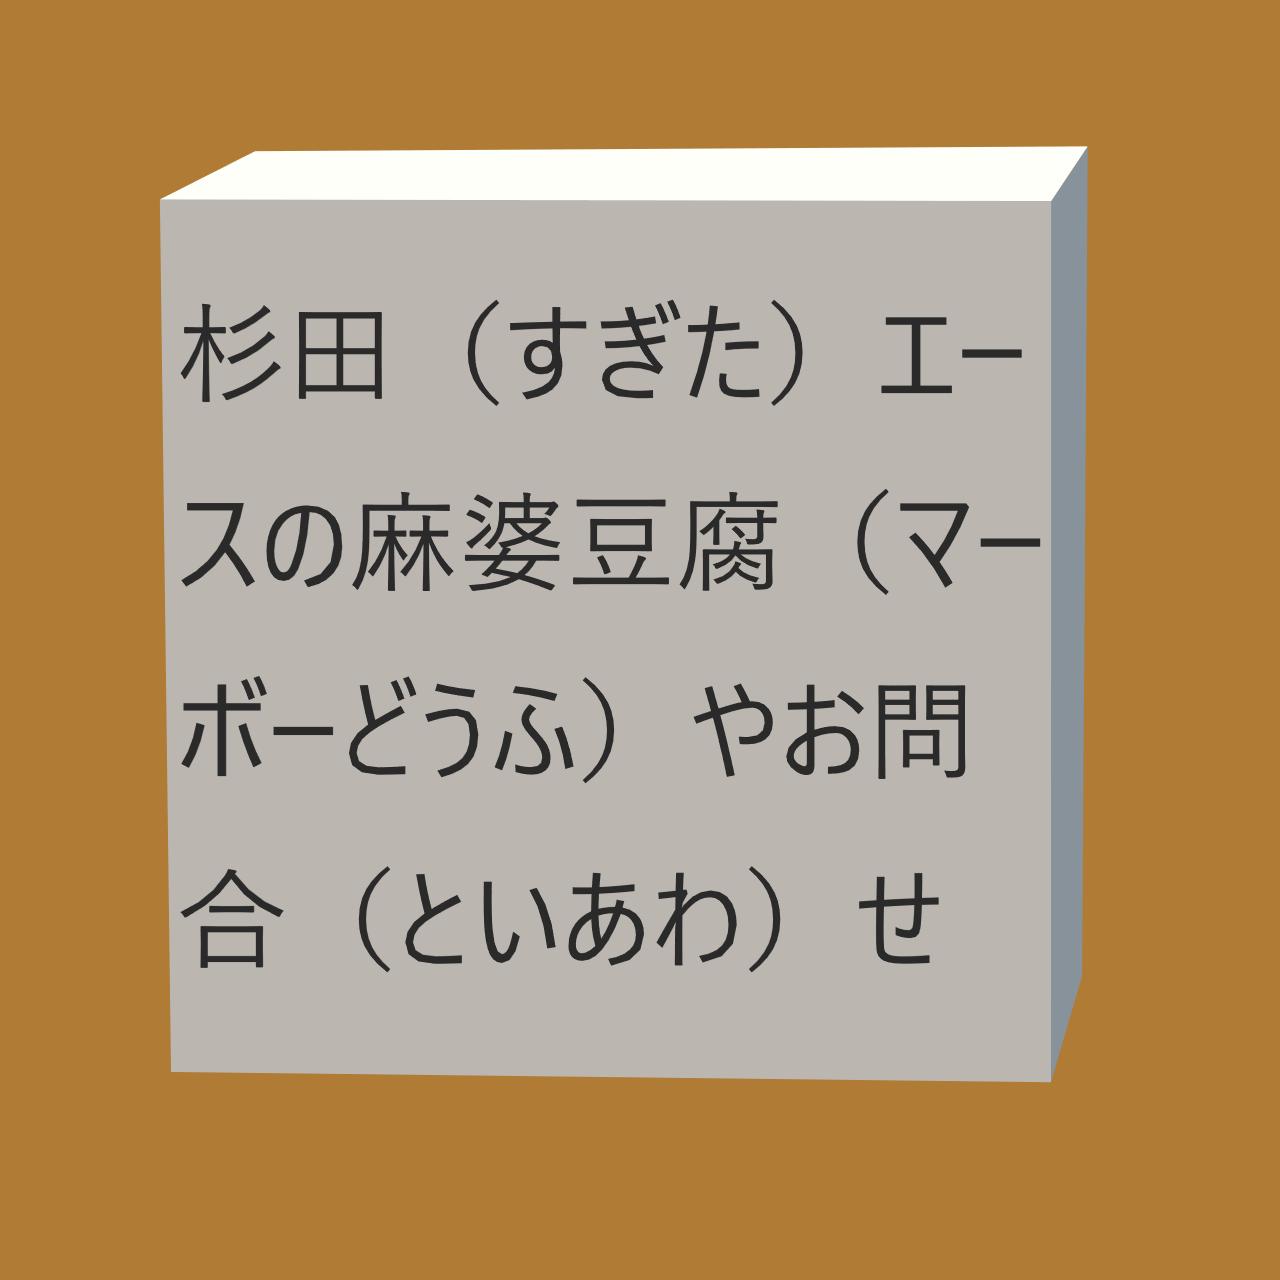 杉田(すぎた)エースの麻婆豆腐(マーボーどうふ)やお問合(といあわ)せ、カタログや株価(かぶか)、外箱(そとばこ)の側面(そくめん)や底面(ていめん)などにかかる画像(がぞう)